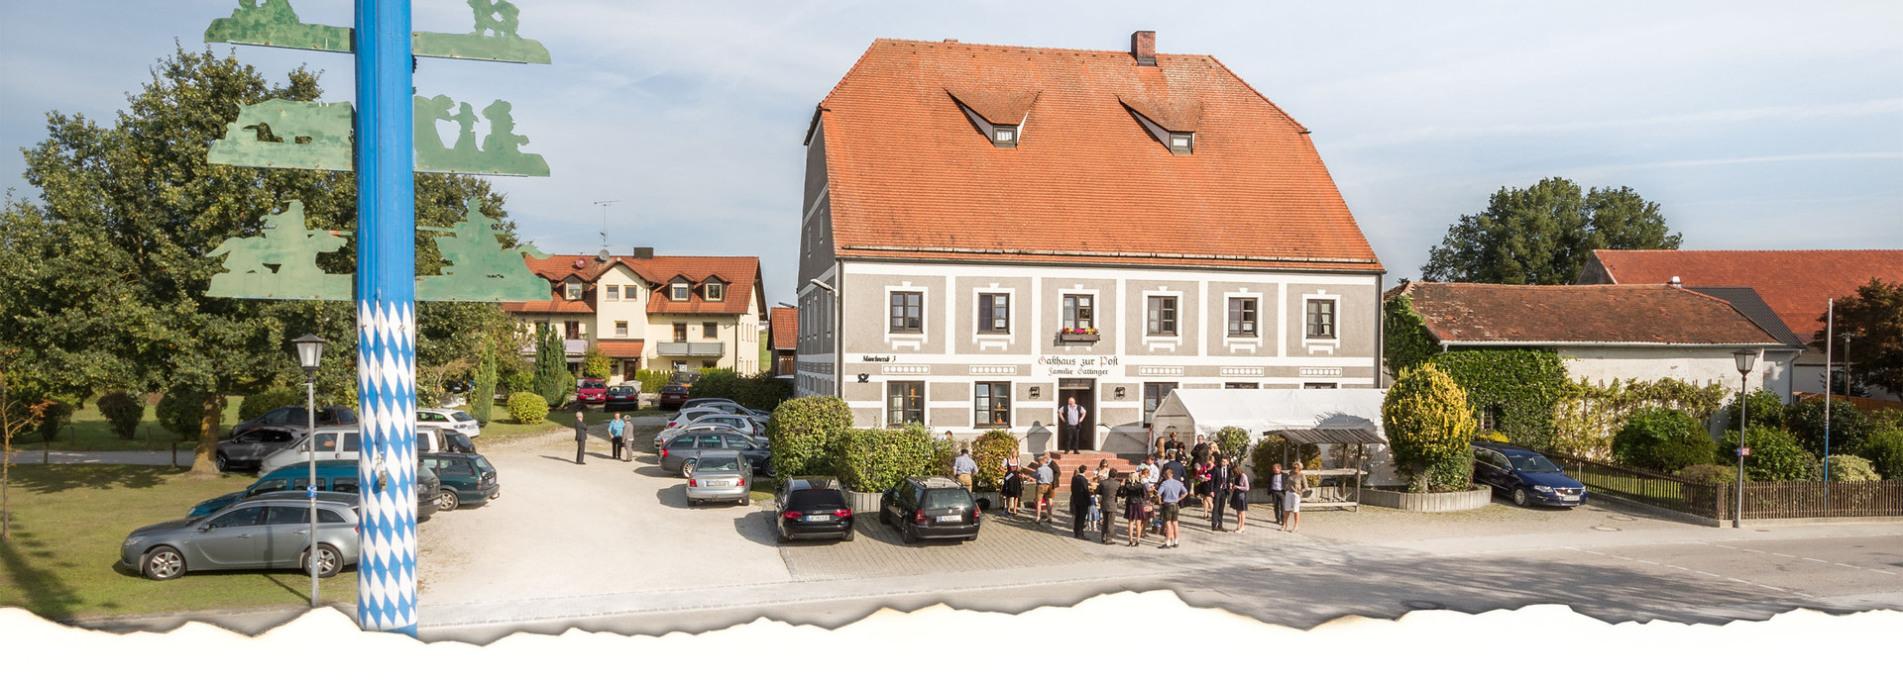 Gasthof Zur Post Fam Gattinger Willkommen